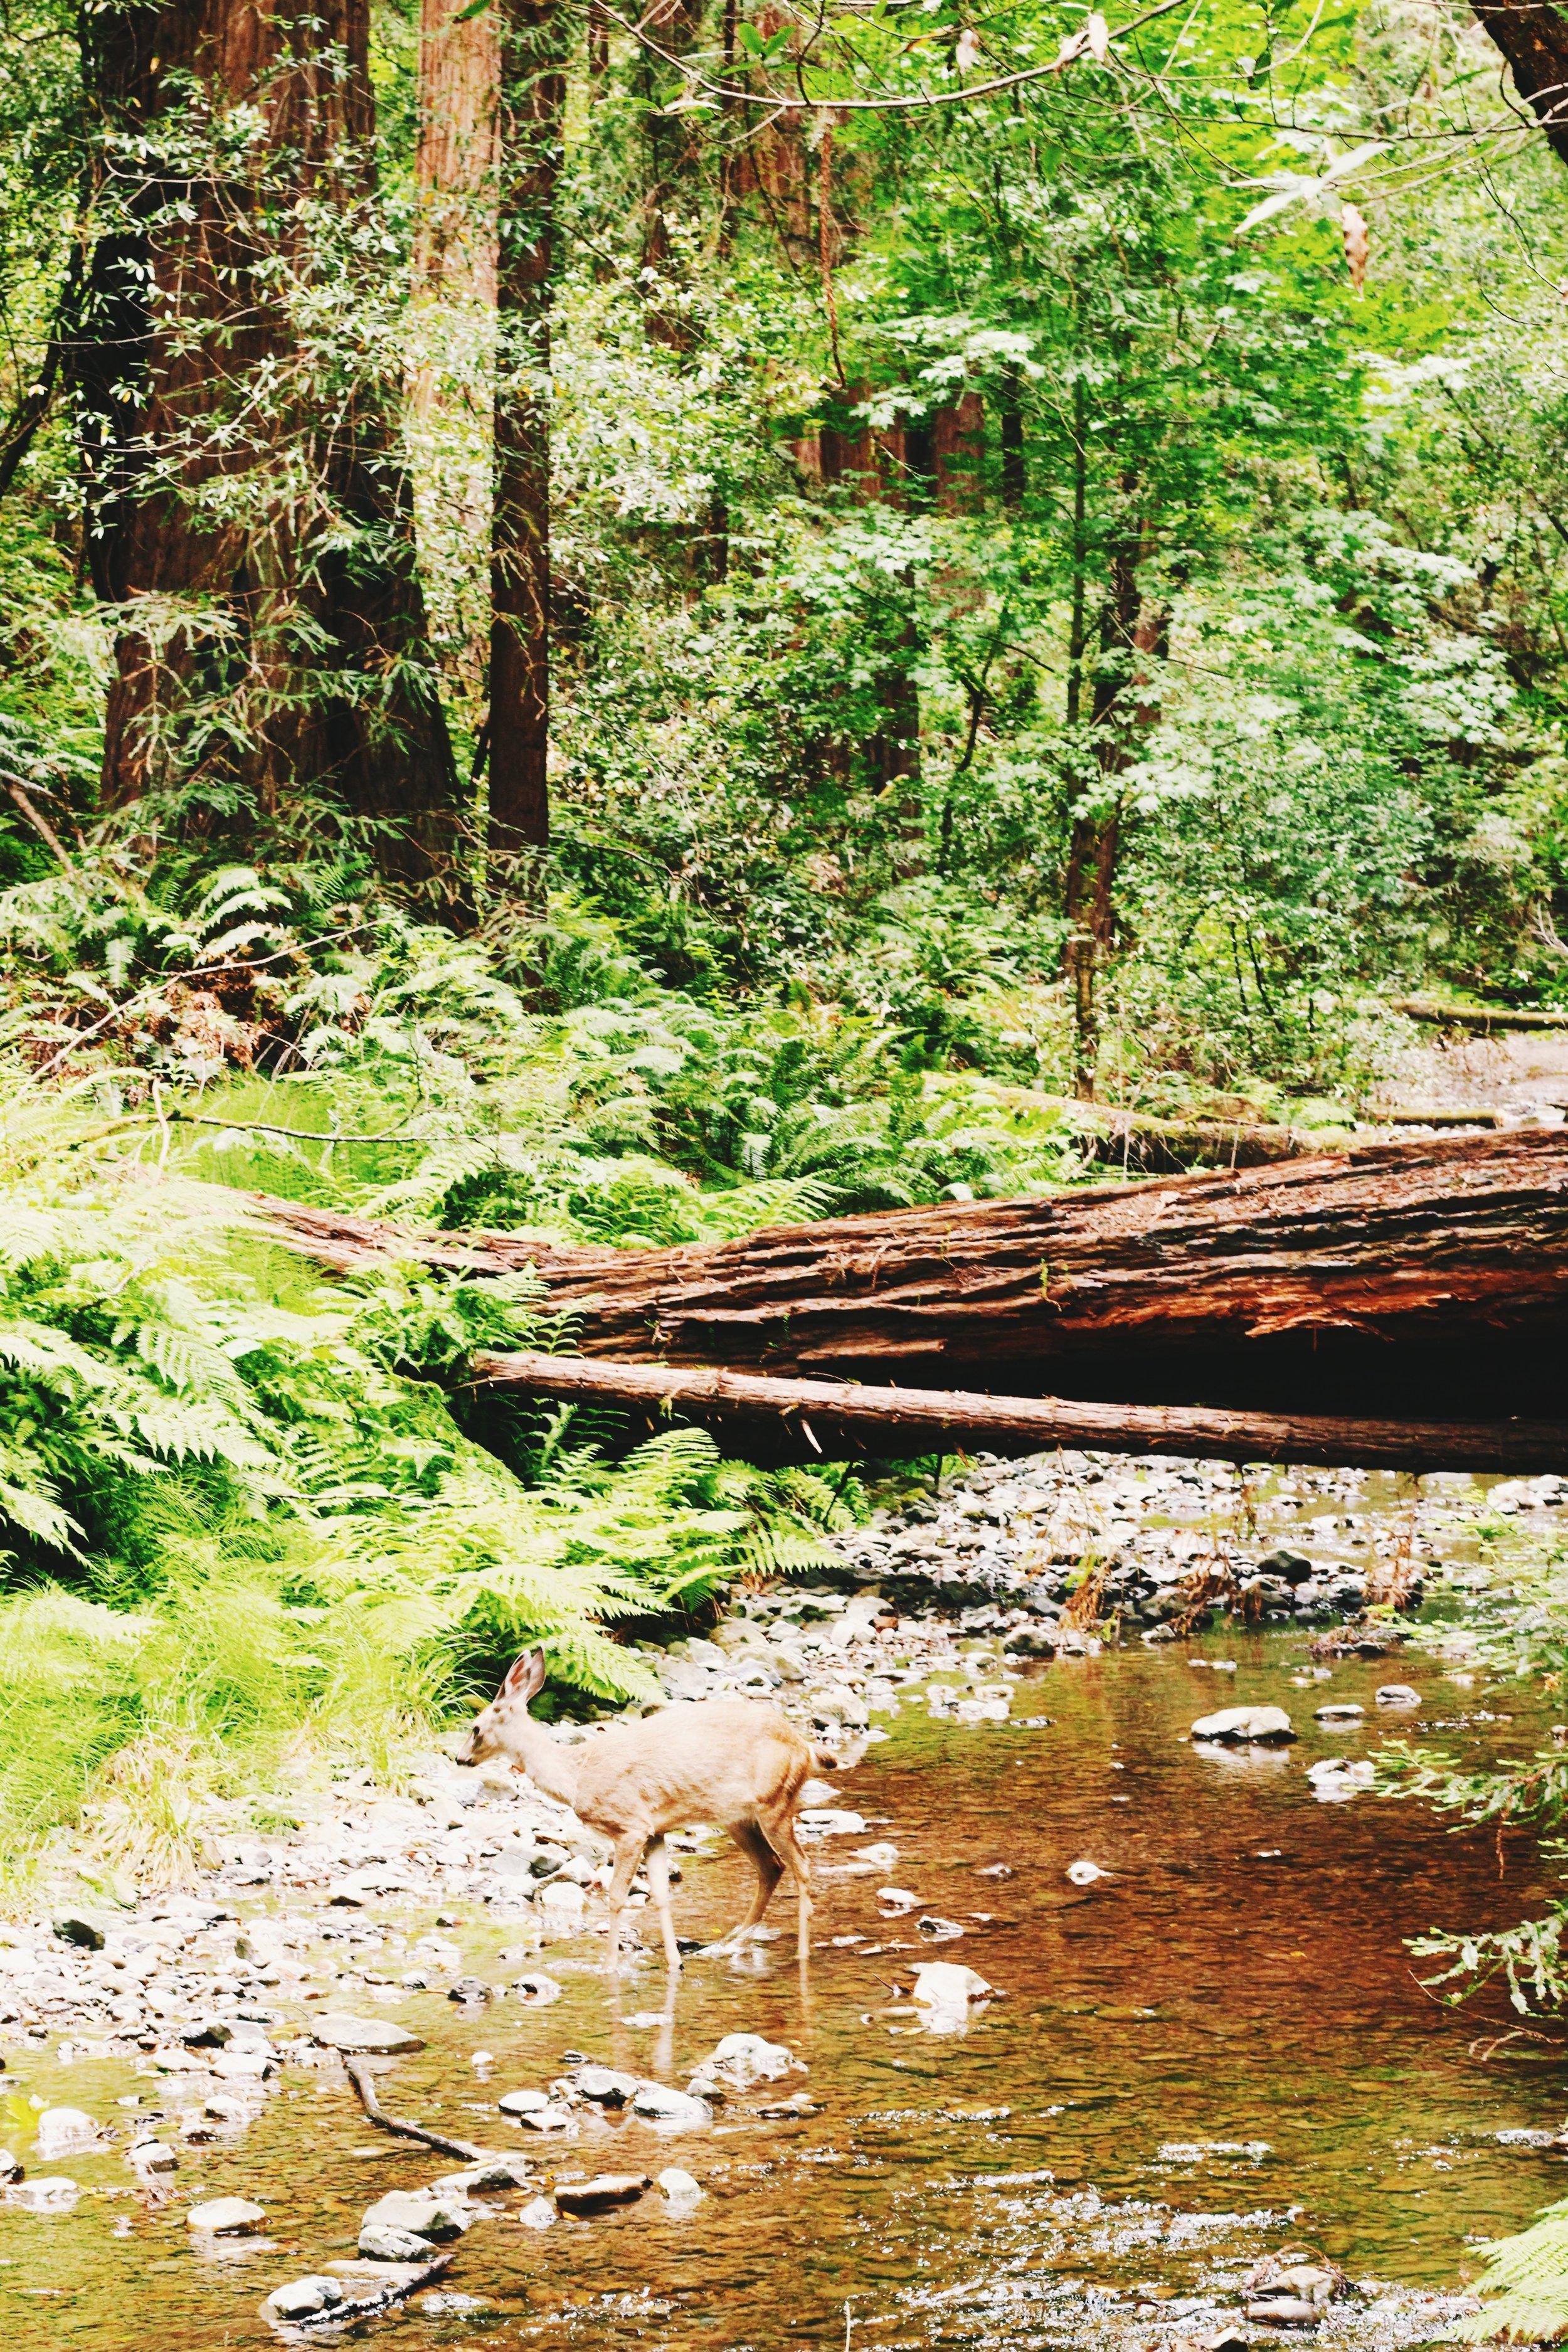 muir woods. california road trip